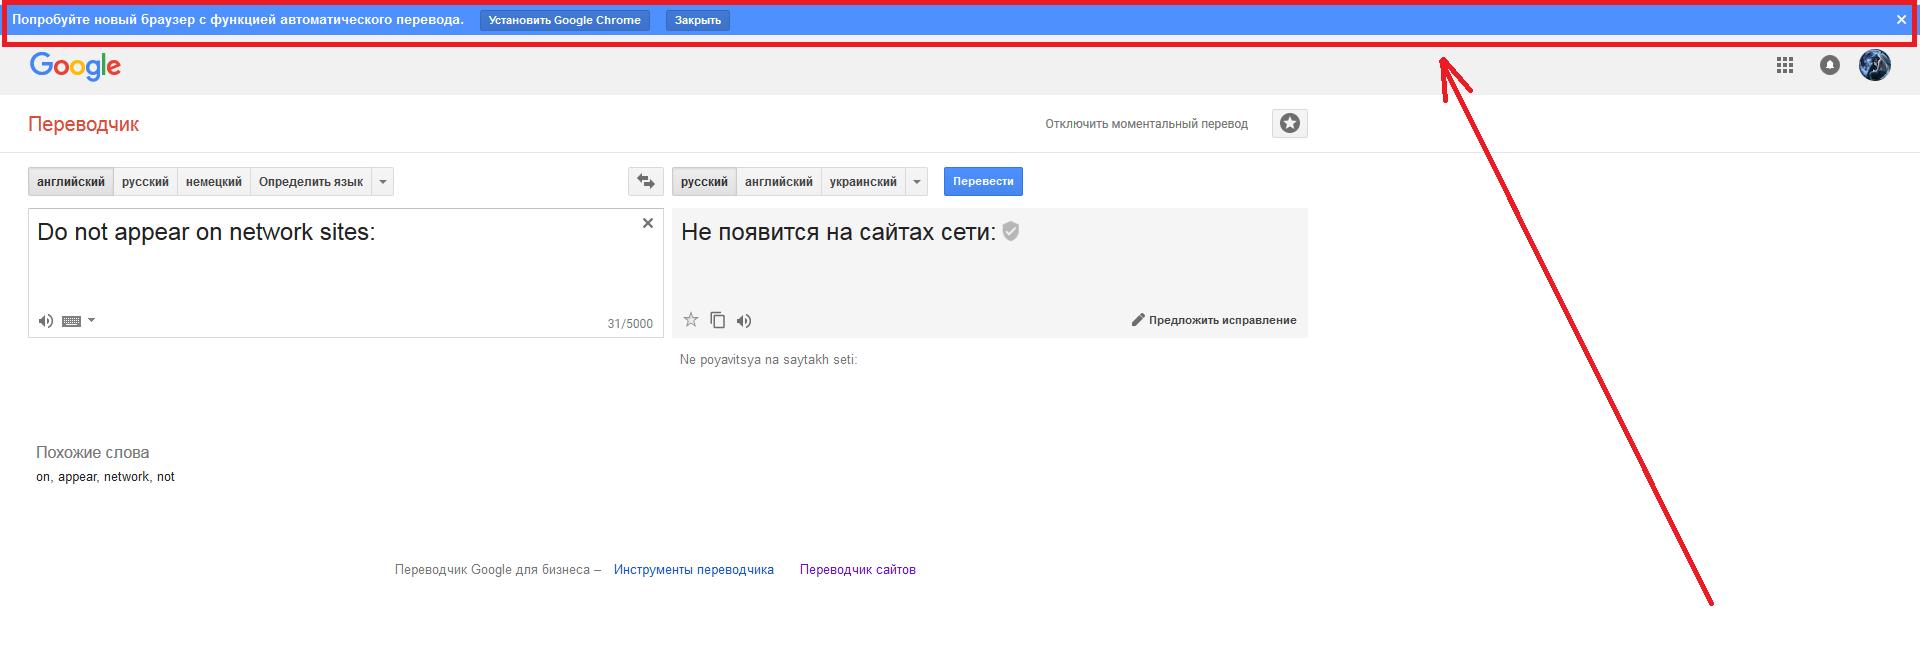 Перевод веб-страниц и изменение языковых настроек Chrome 72